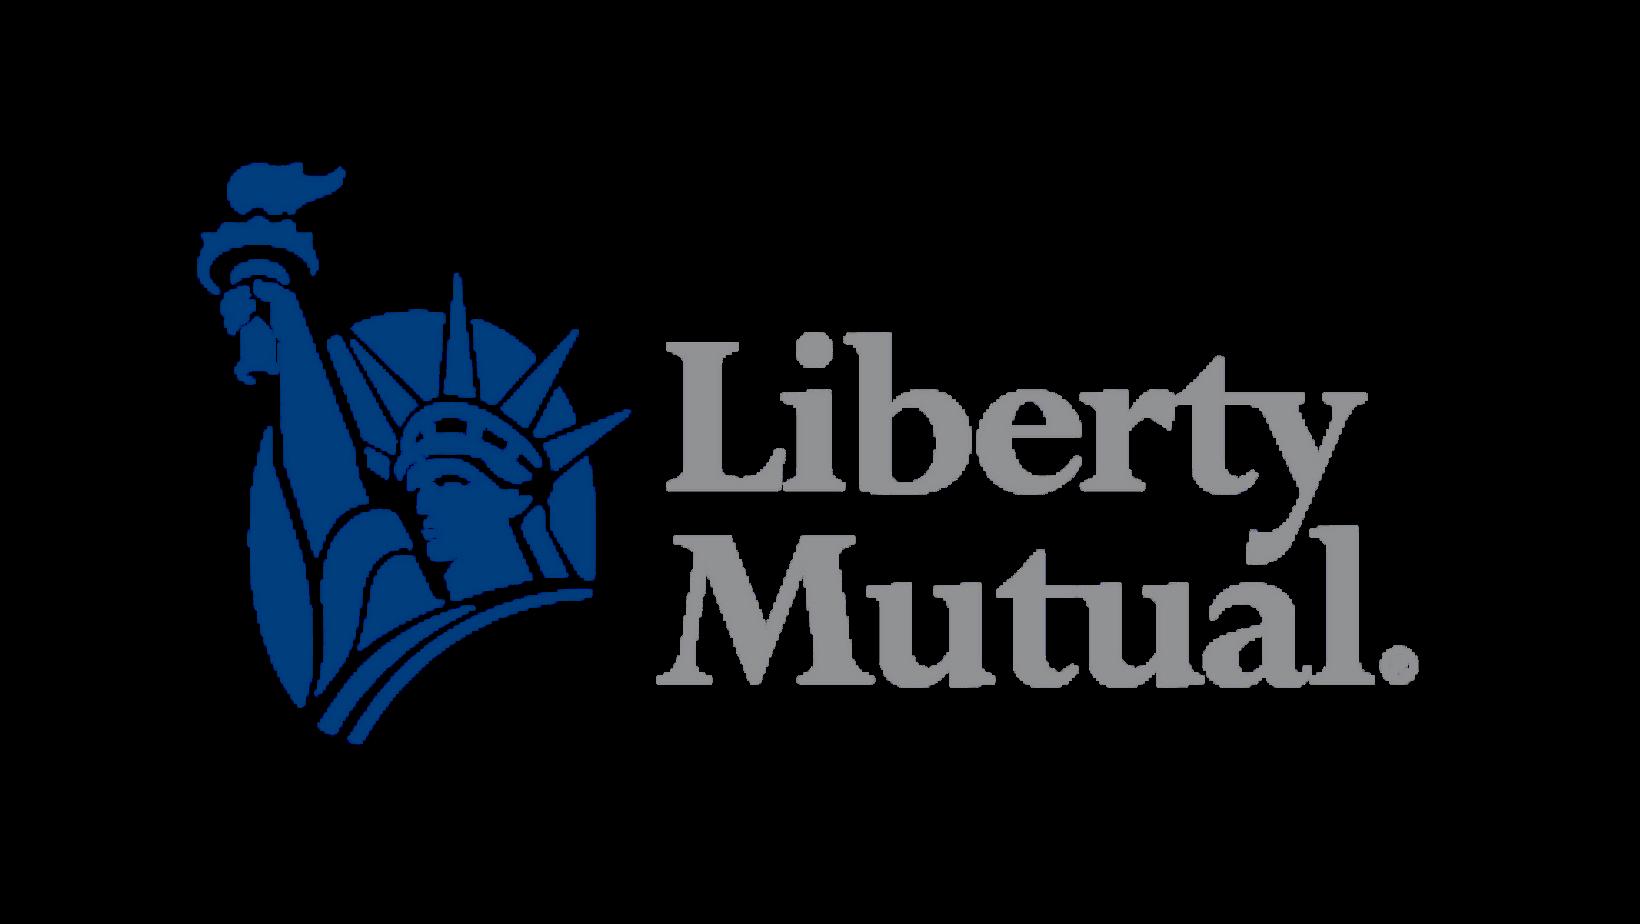 Steelkey-insurance-liberty-mutual